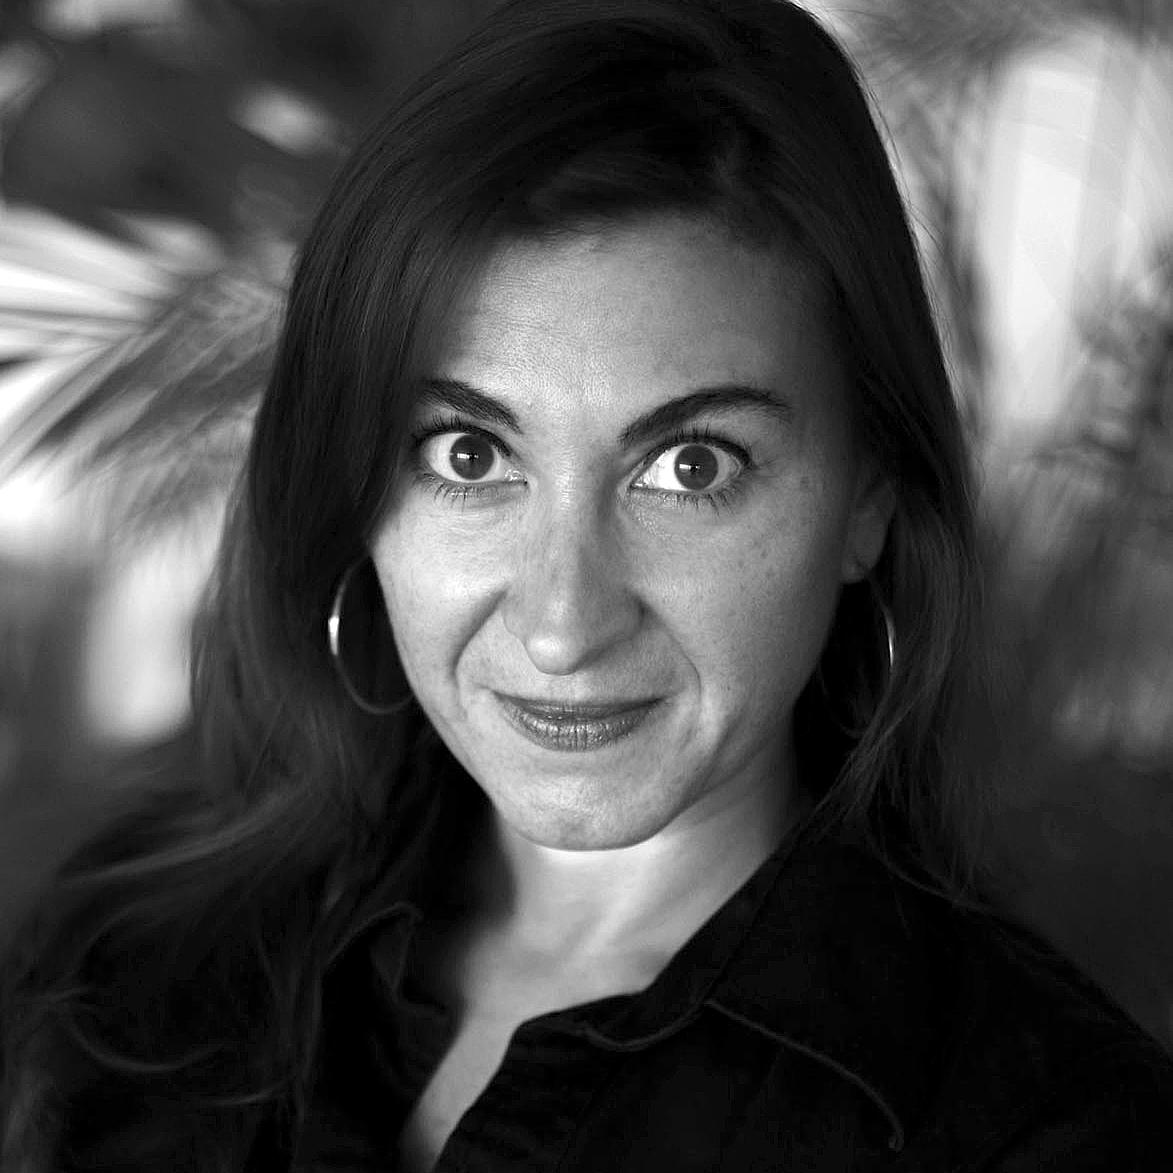 Lynsey Addario, İstanbul Turkey, 17.10.2009